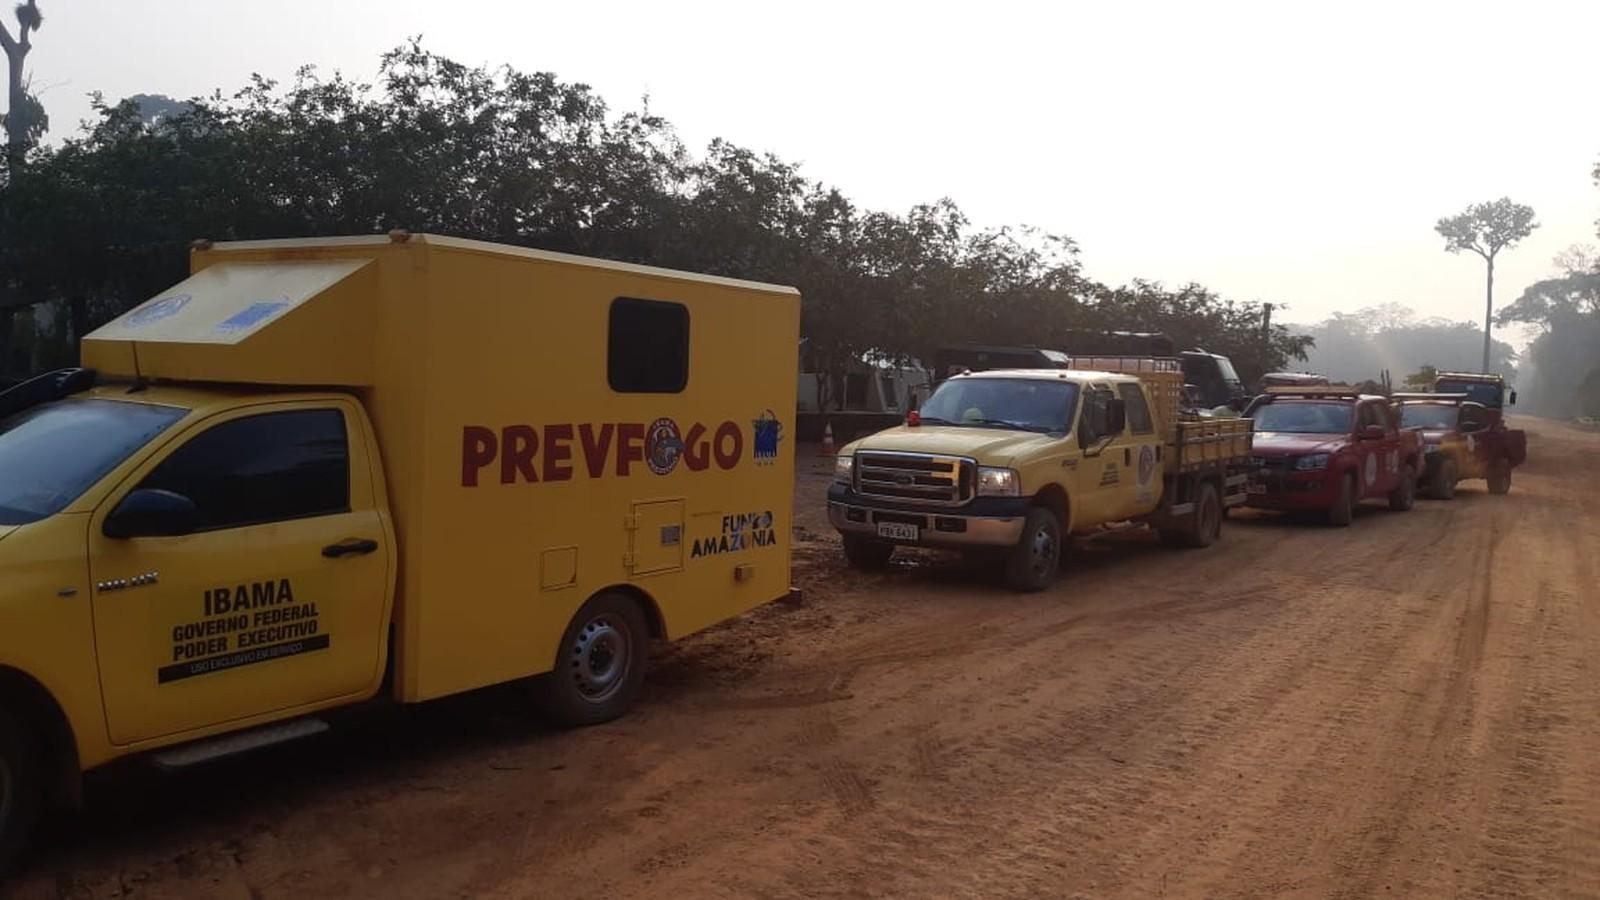 FOTOS: Veja imagens da operação de combate às queimadas em Rondônia